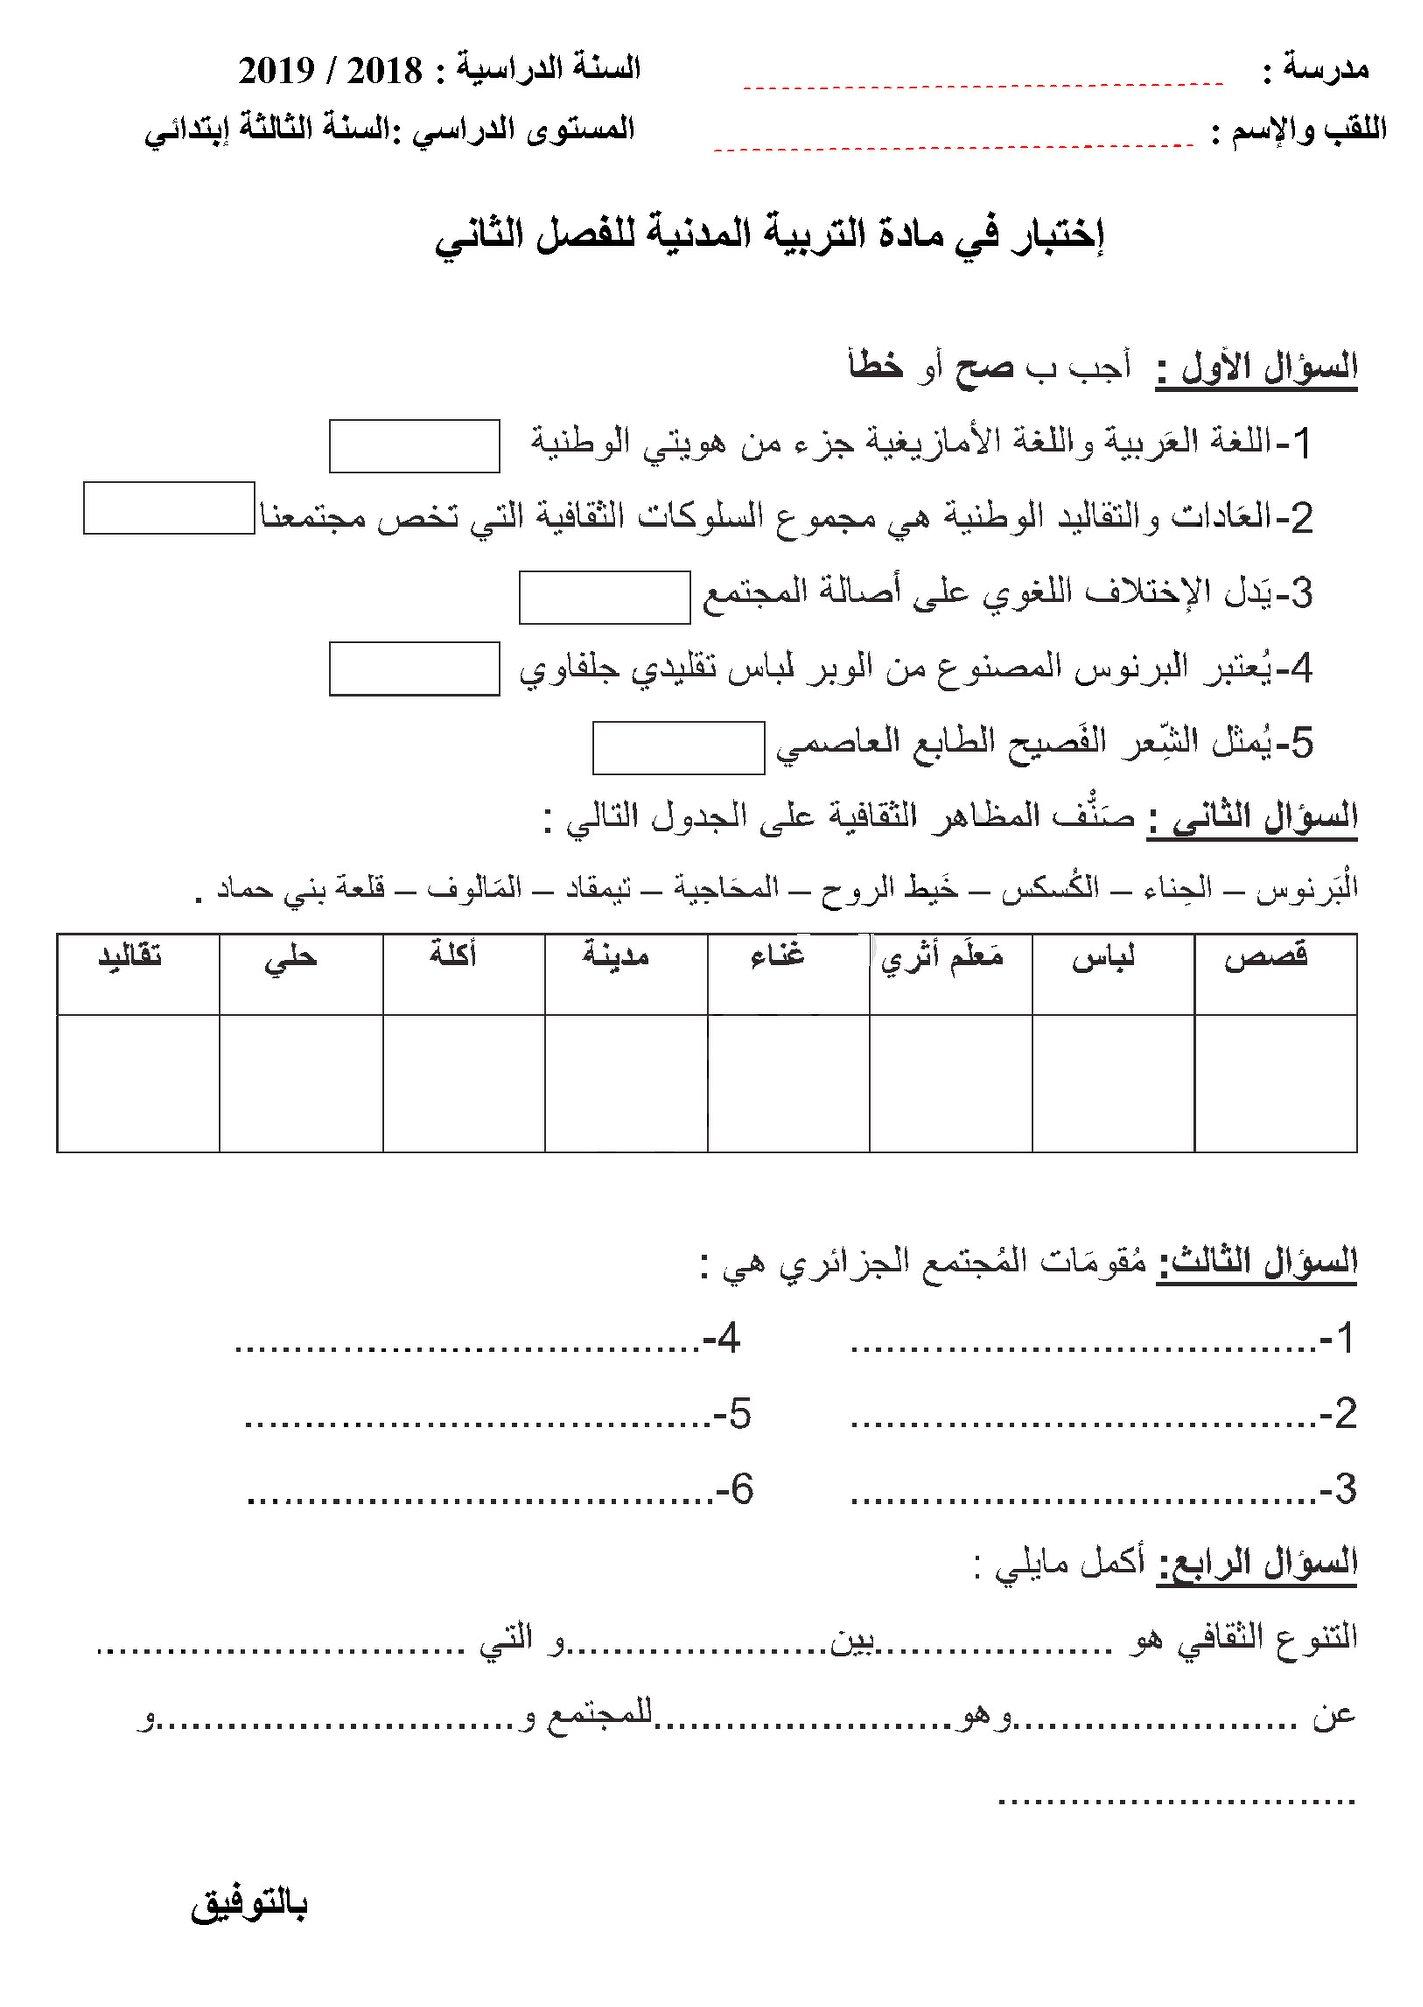 اختبار الفصل الثاني في التربية المدنية | السنة الثالثة ابتدائي | الموضوع 02